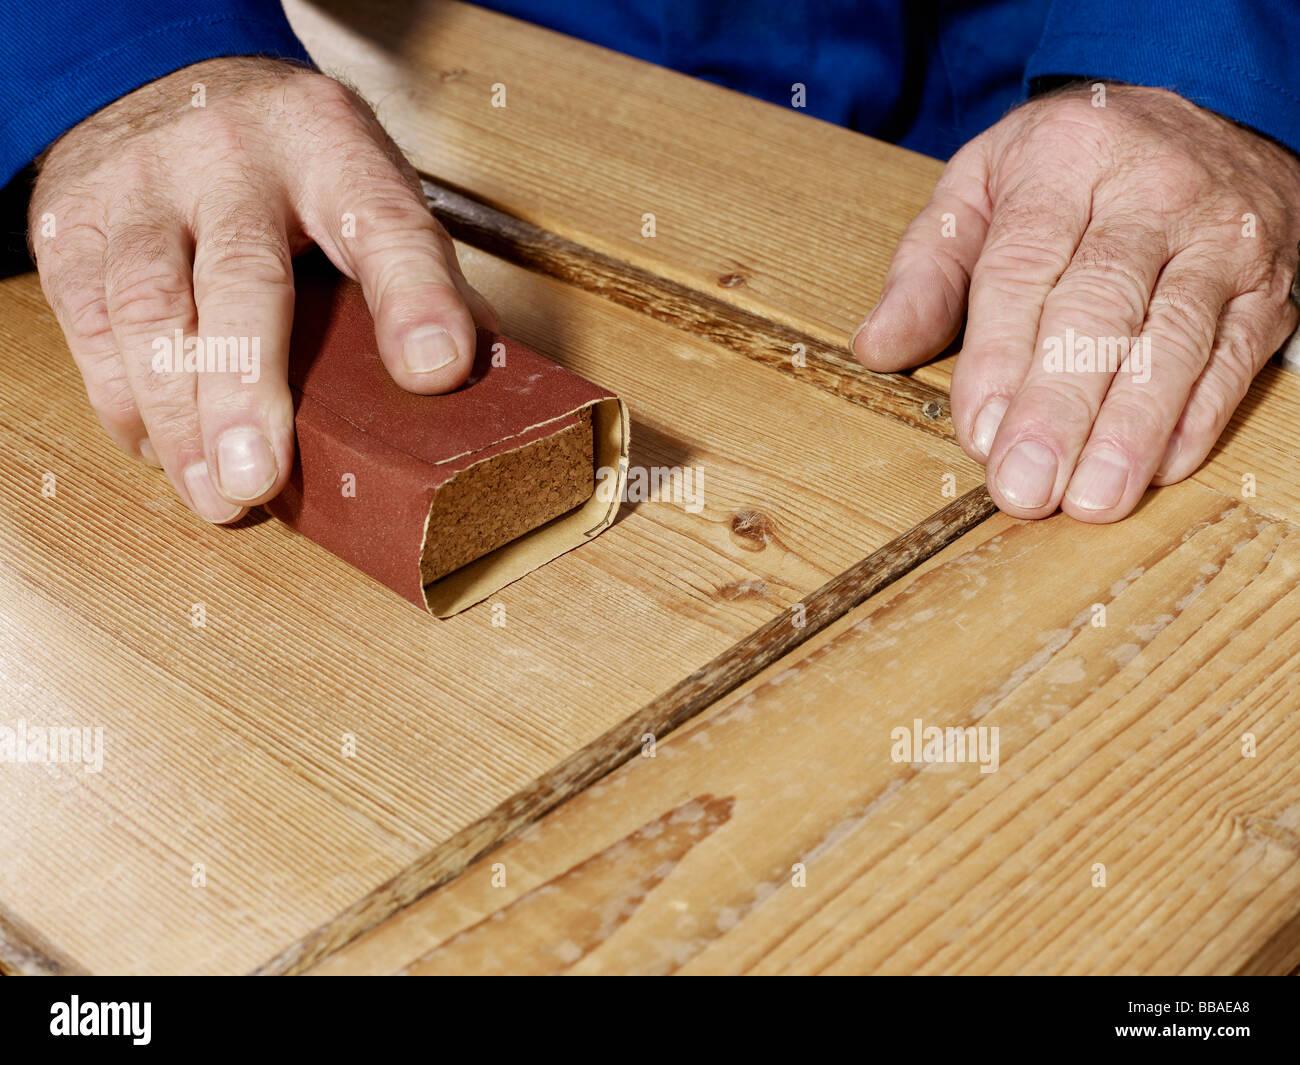 detail eines mannes holz schleifen stockfoto, bild: 24202368 - alamy